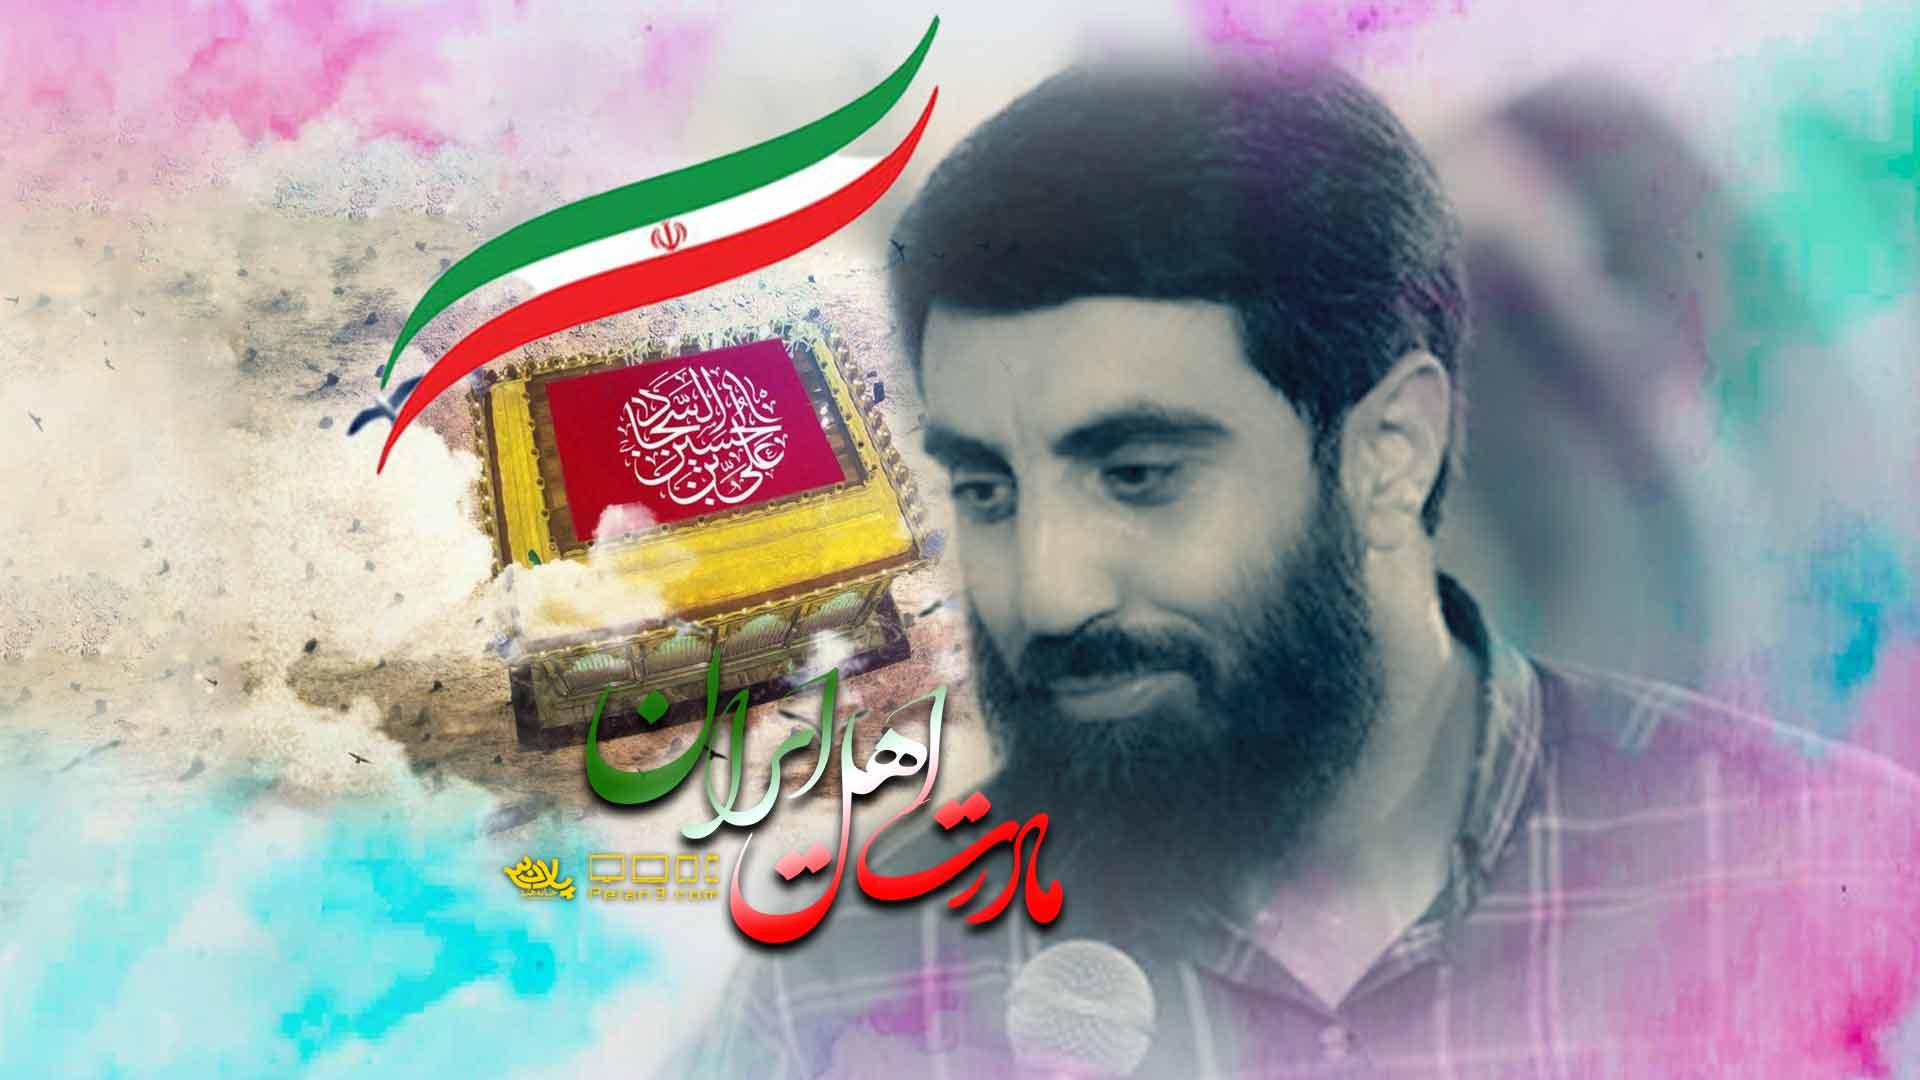 مادرت اهل ایران رضا نریمانی